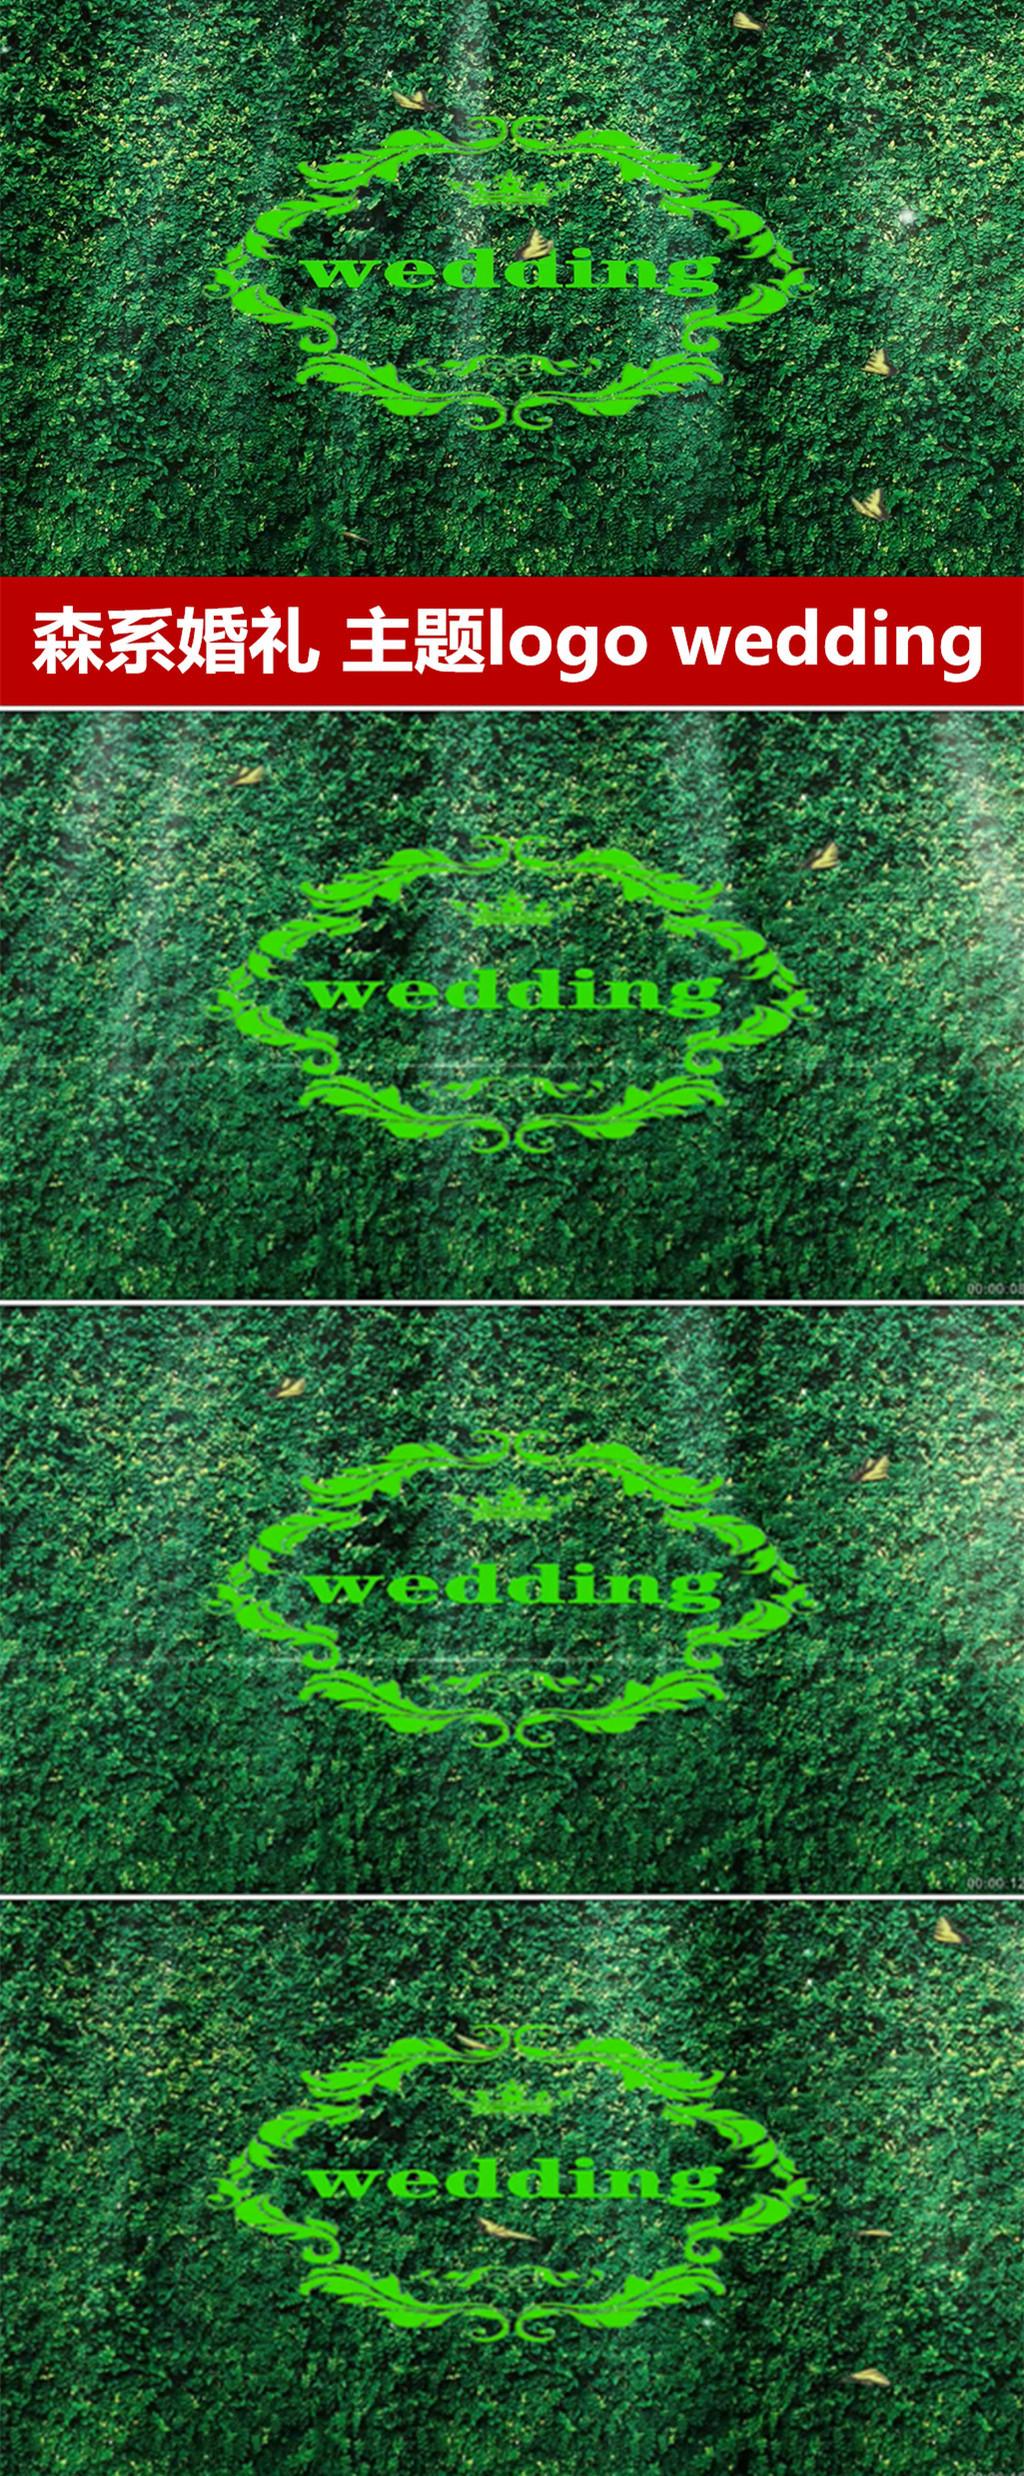 原创设计森系婚礼婚礼logo绿色粒子光线蝴...素材是用户QQA893D2CAF365E在2017-08-07 08:30:28上传到我图网, 素材大小为32.21 MB, 素材的尺寸为,图片的编号是26911193, 颜色模式为RGB, 授权方式为VIP用户下载,成为我图网VIP用户马上下载此图片。